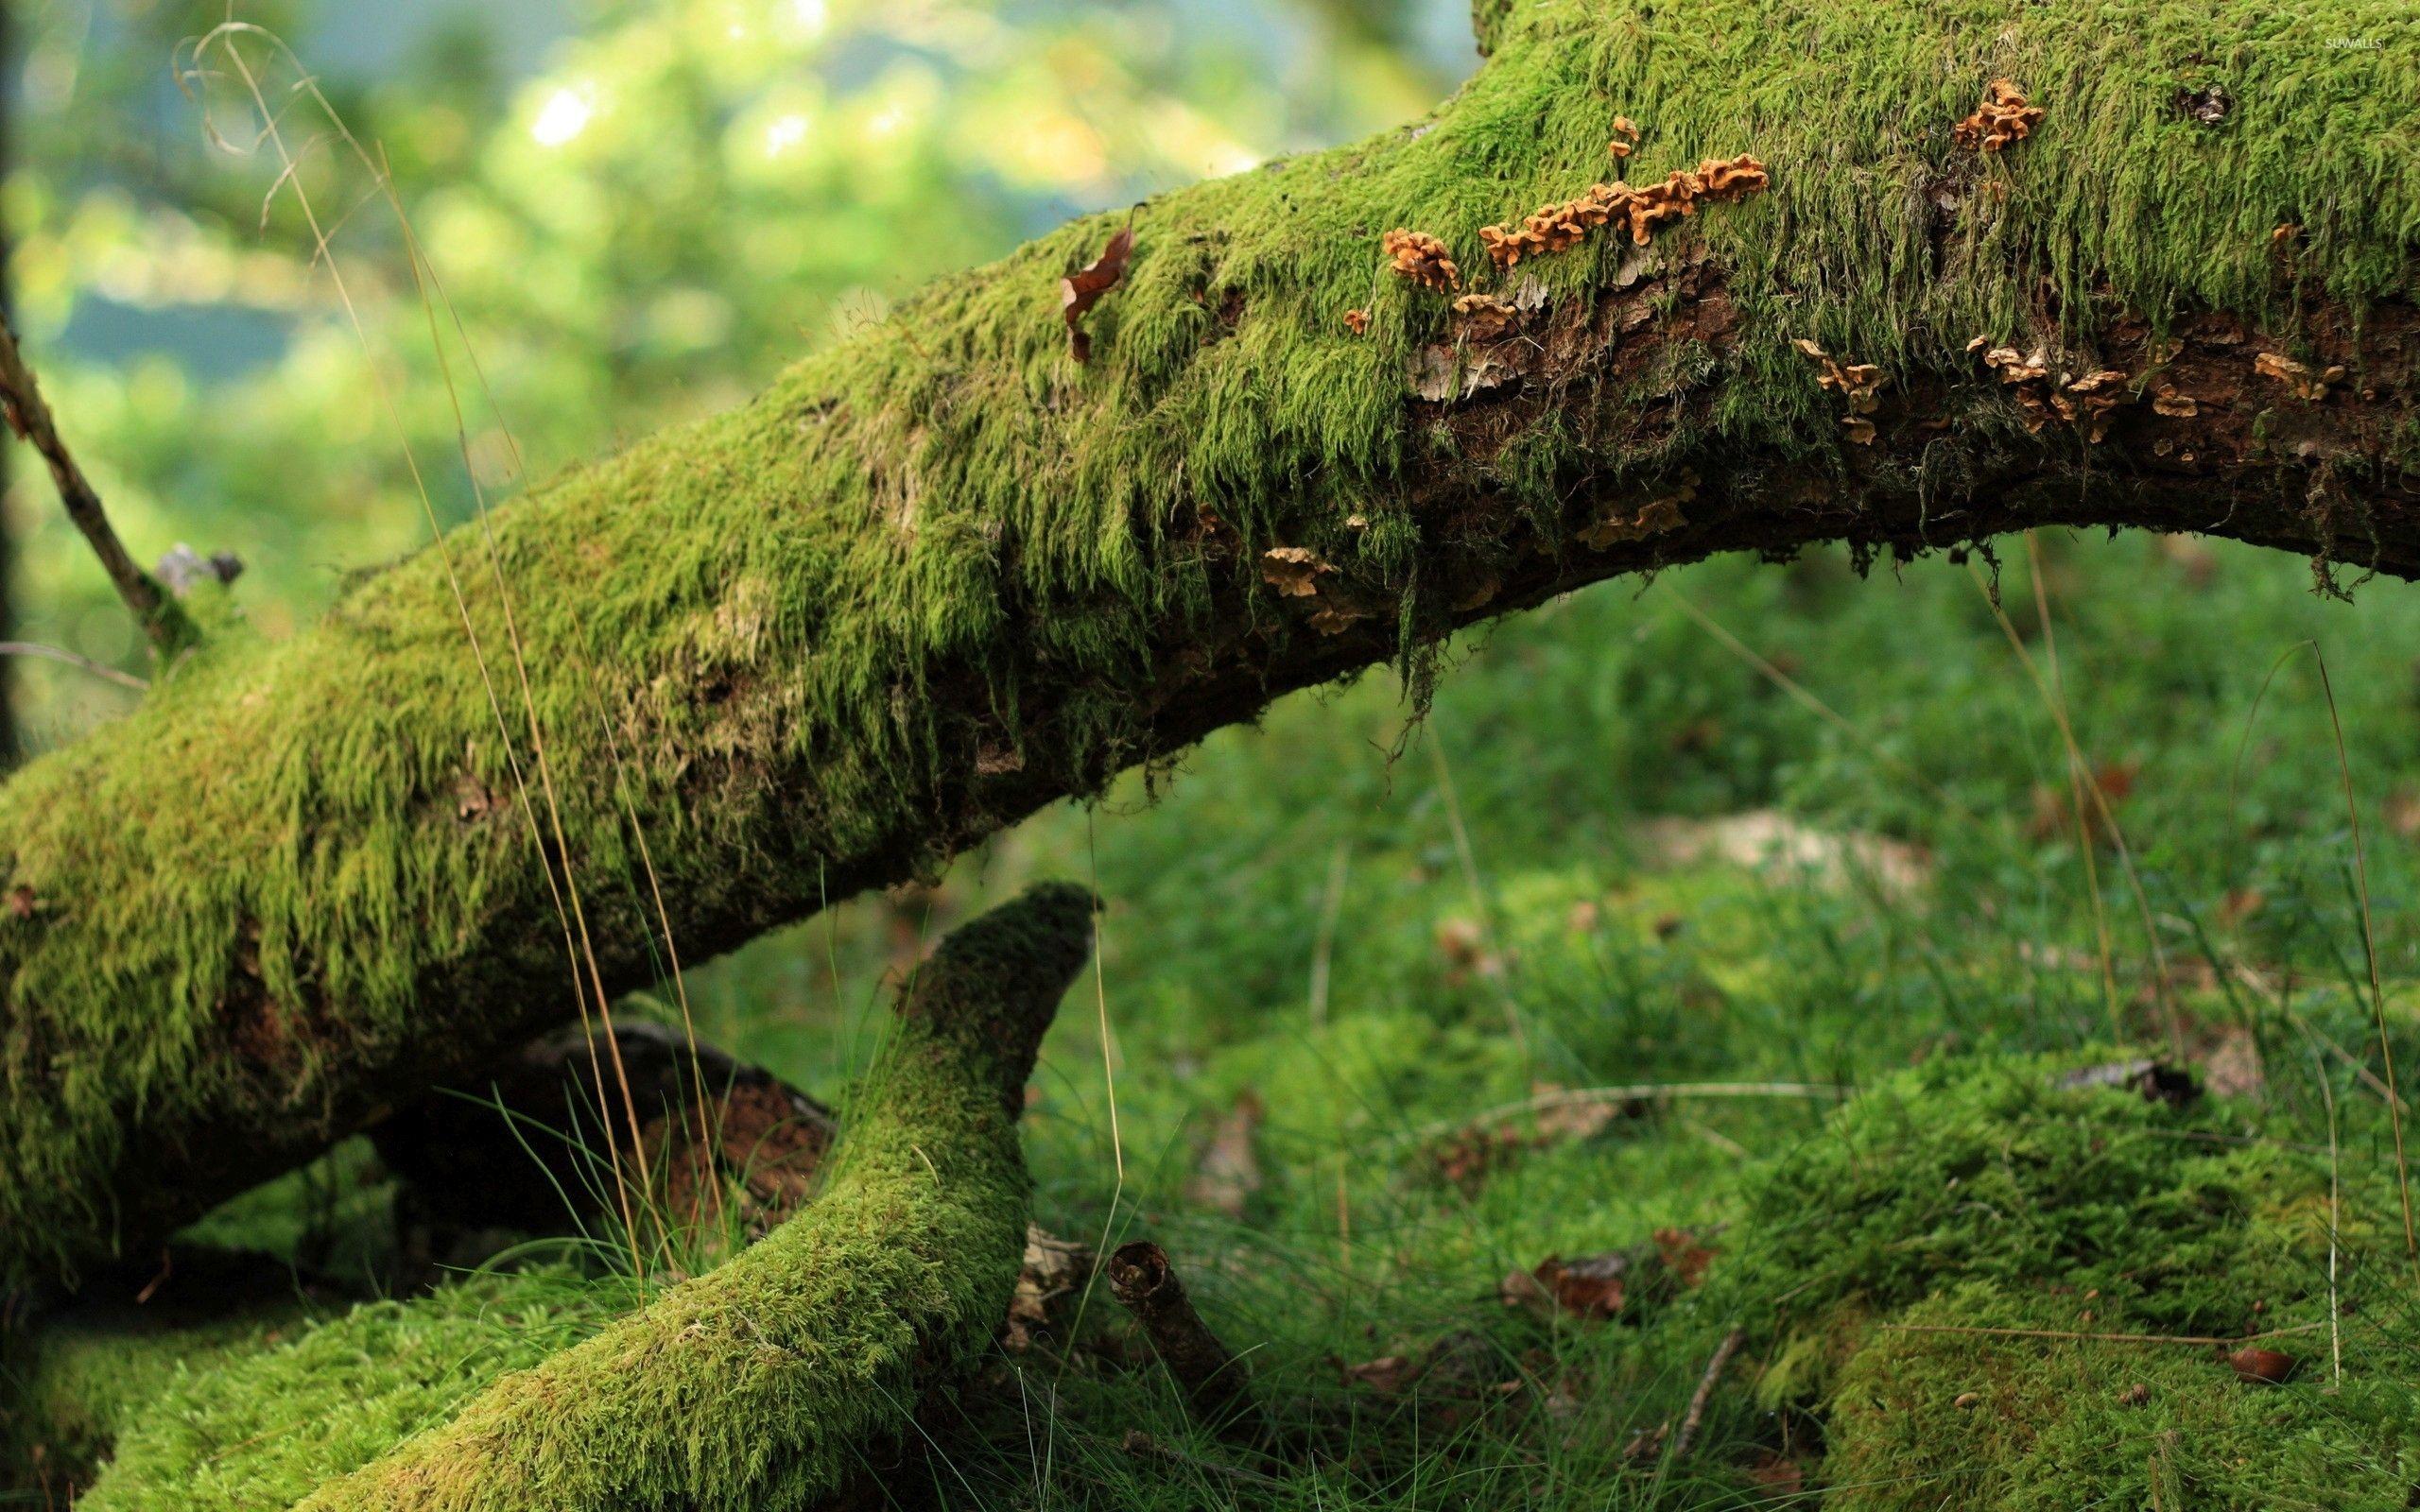 Mossy Tree 2 Wallpaper Mossy Tree Forest Plants Green Landscape